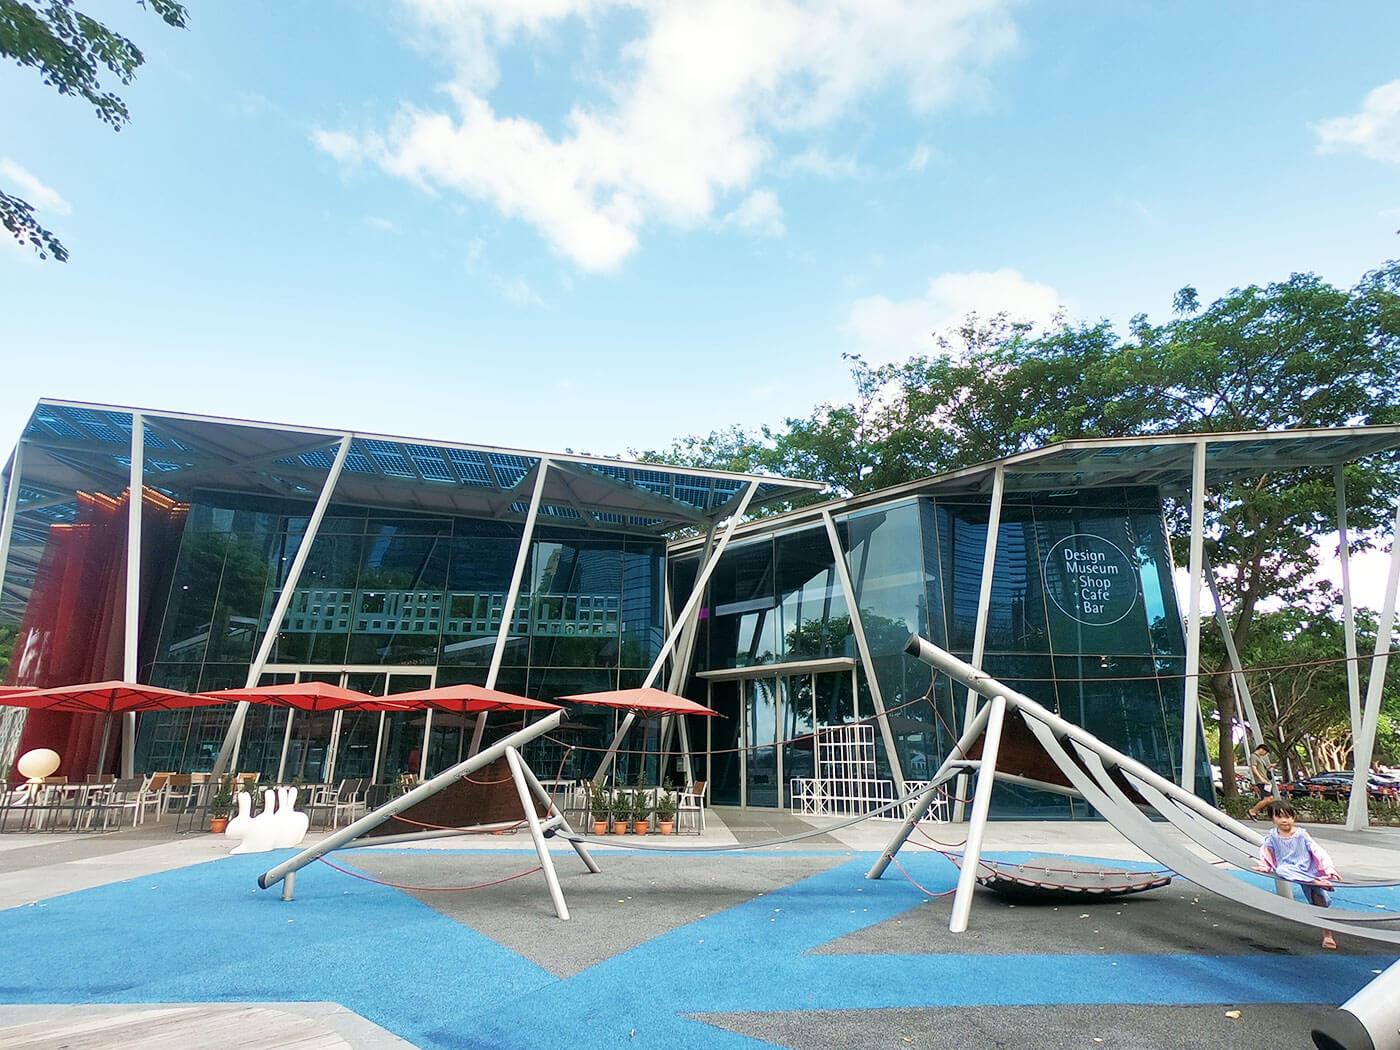 新加坡必去景点红点设计博物馆